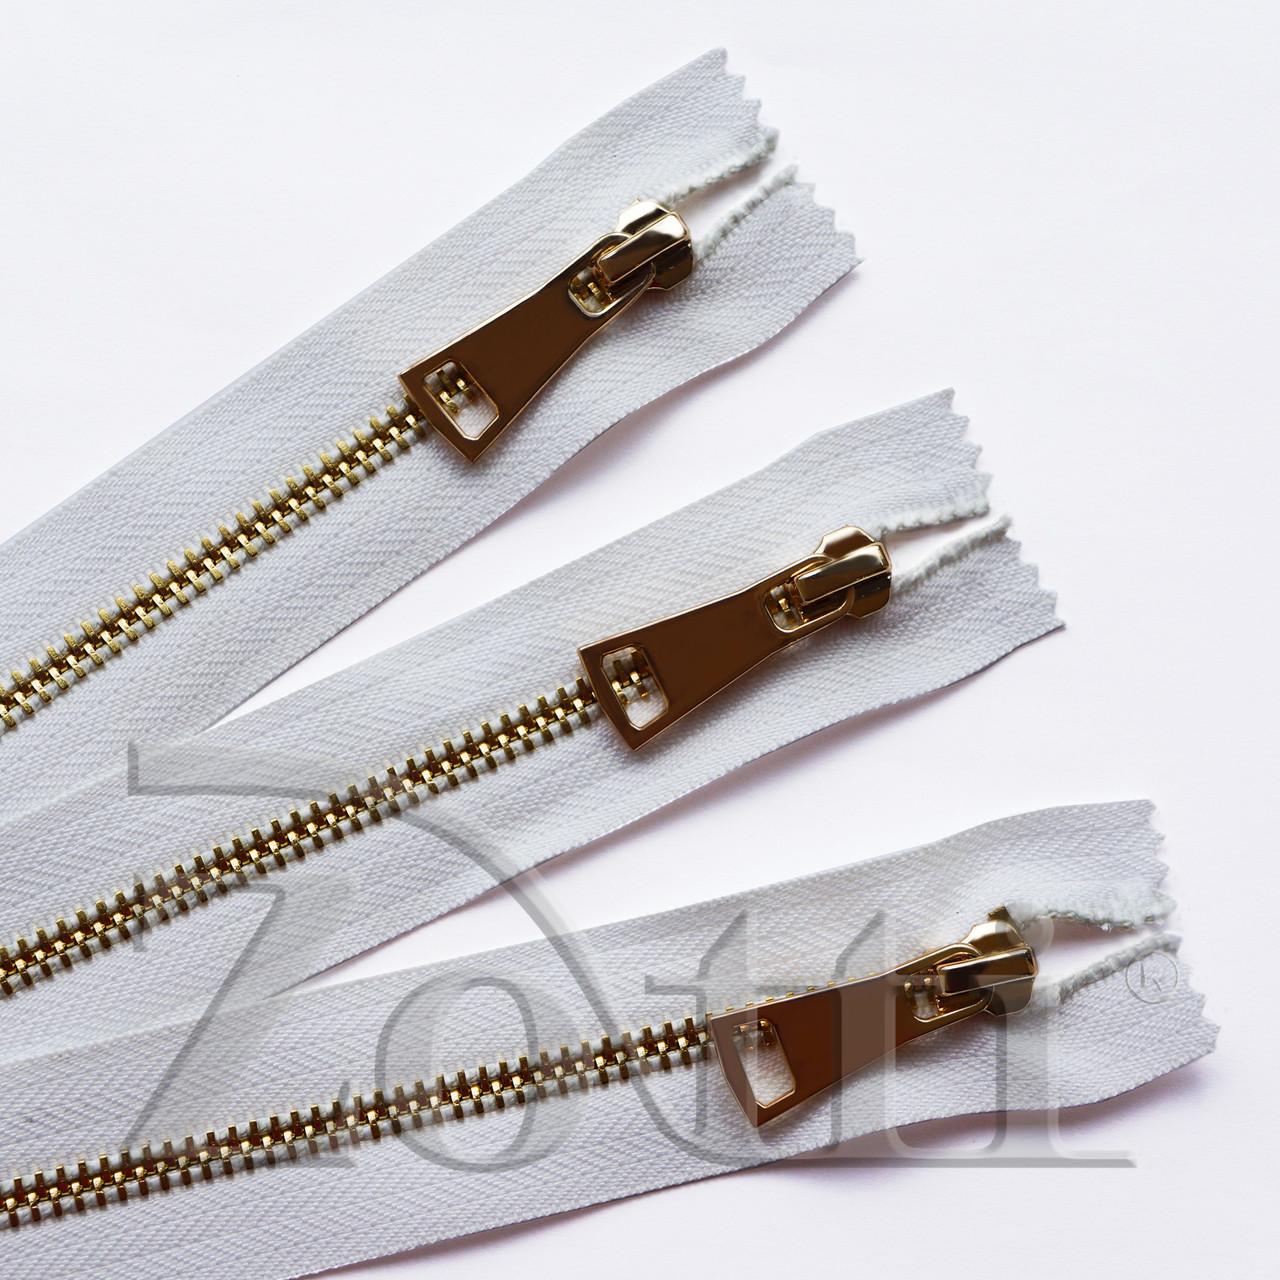 Молния (змейка,застежка) металлическая №5, размерная, обувная, белая, с золотым бегунком № 115 - 45 см